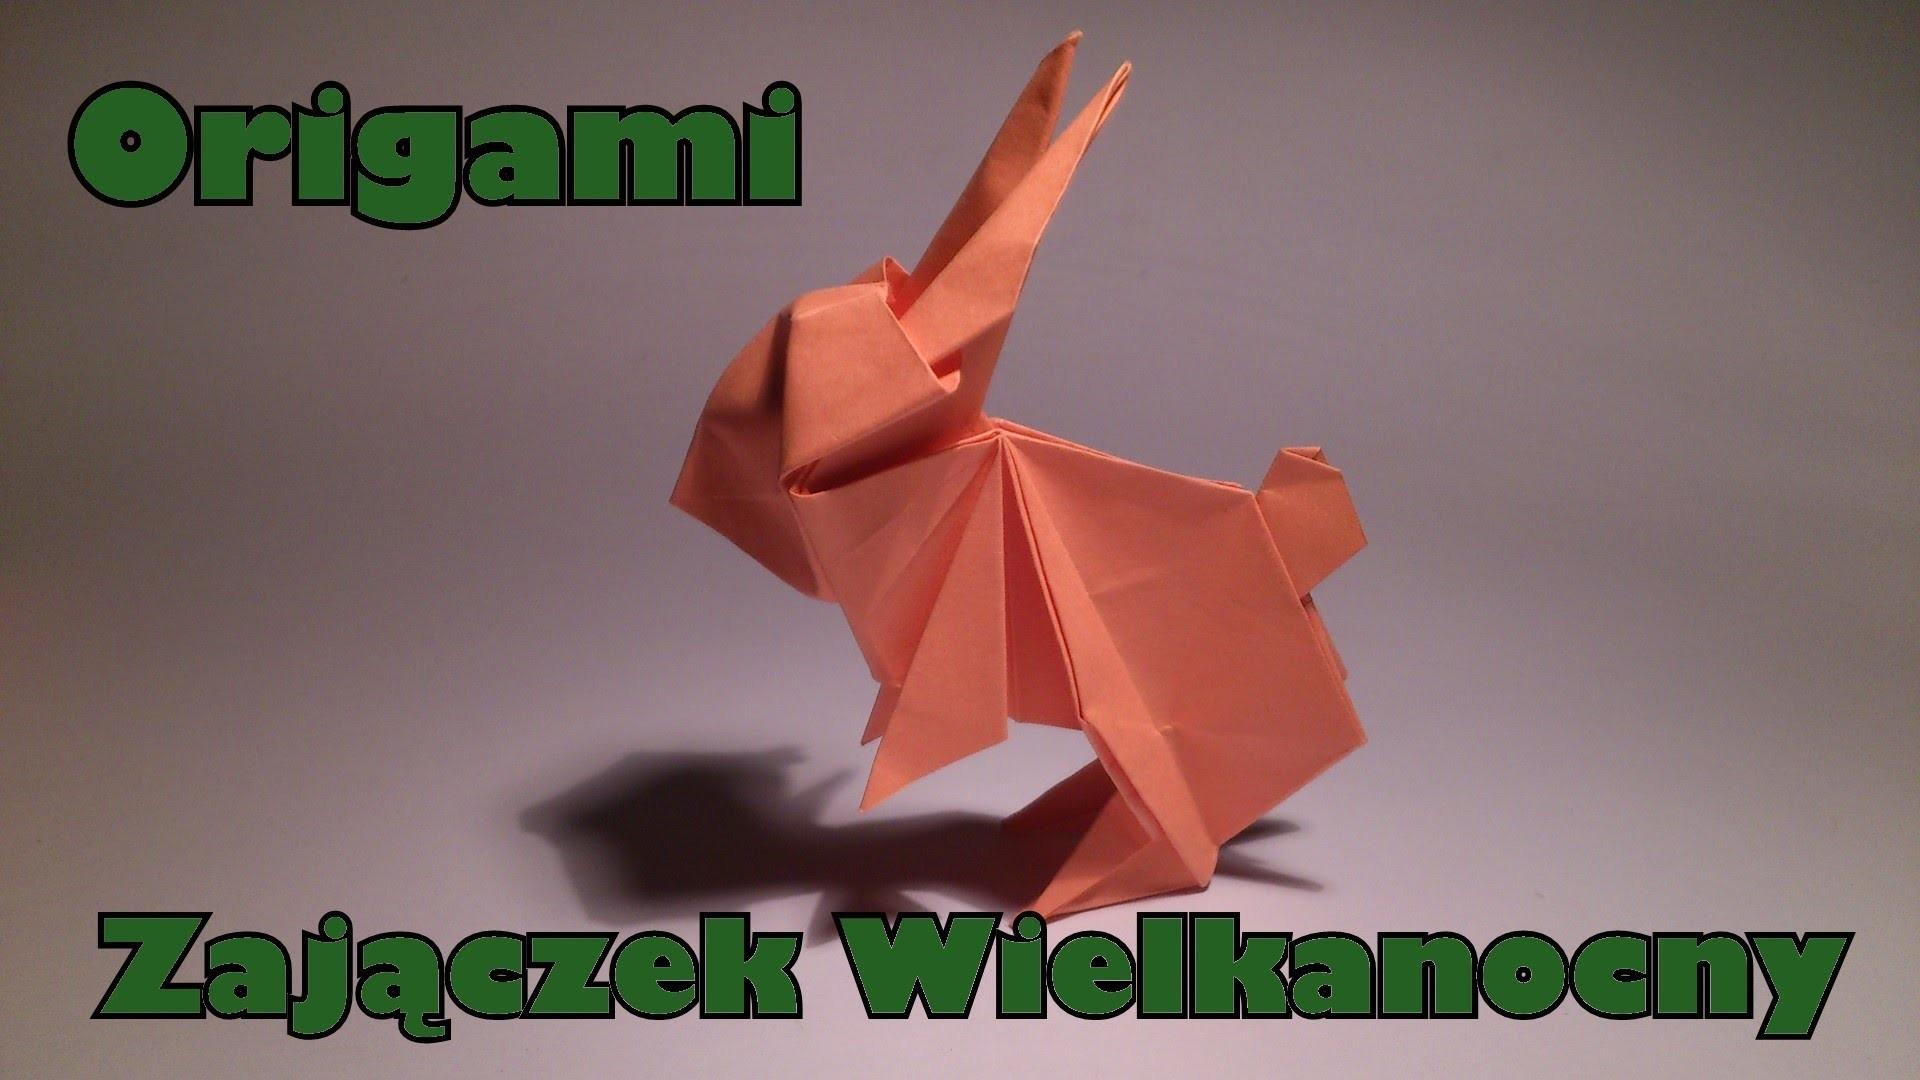 Origami - Zajączek Wielkanocny